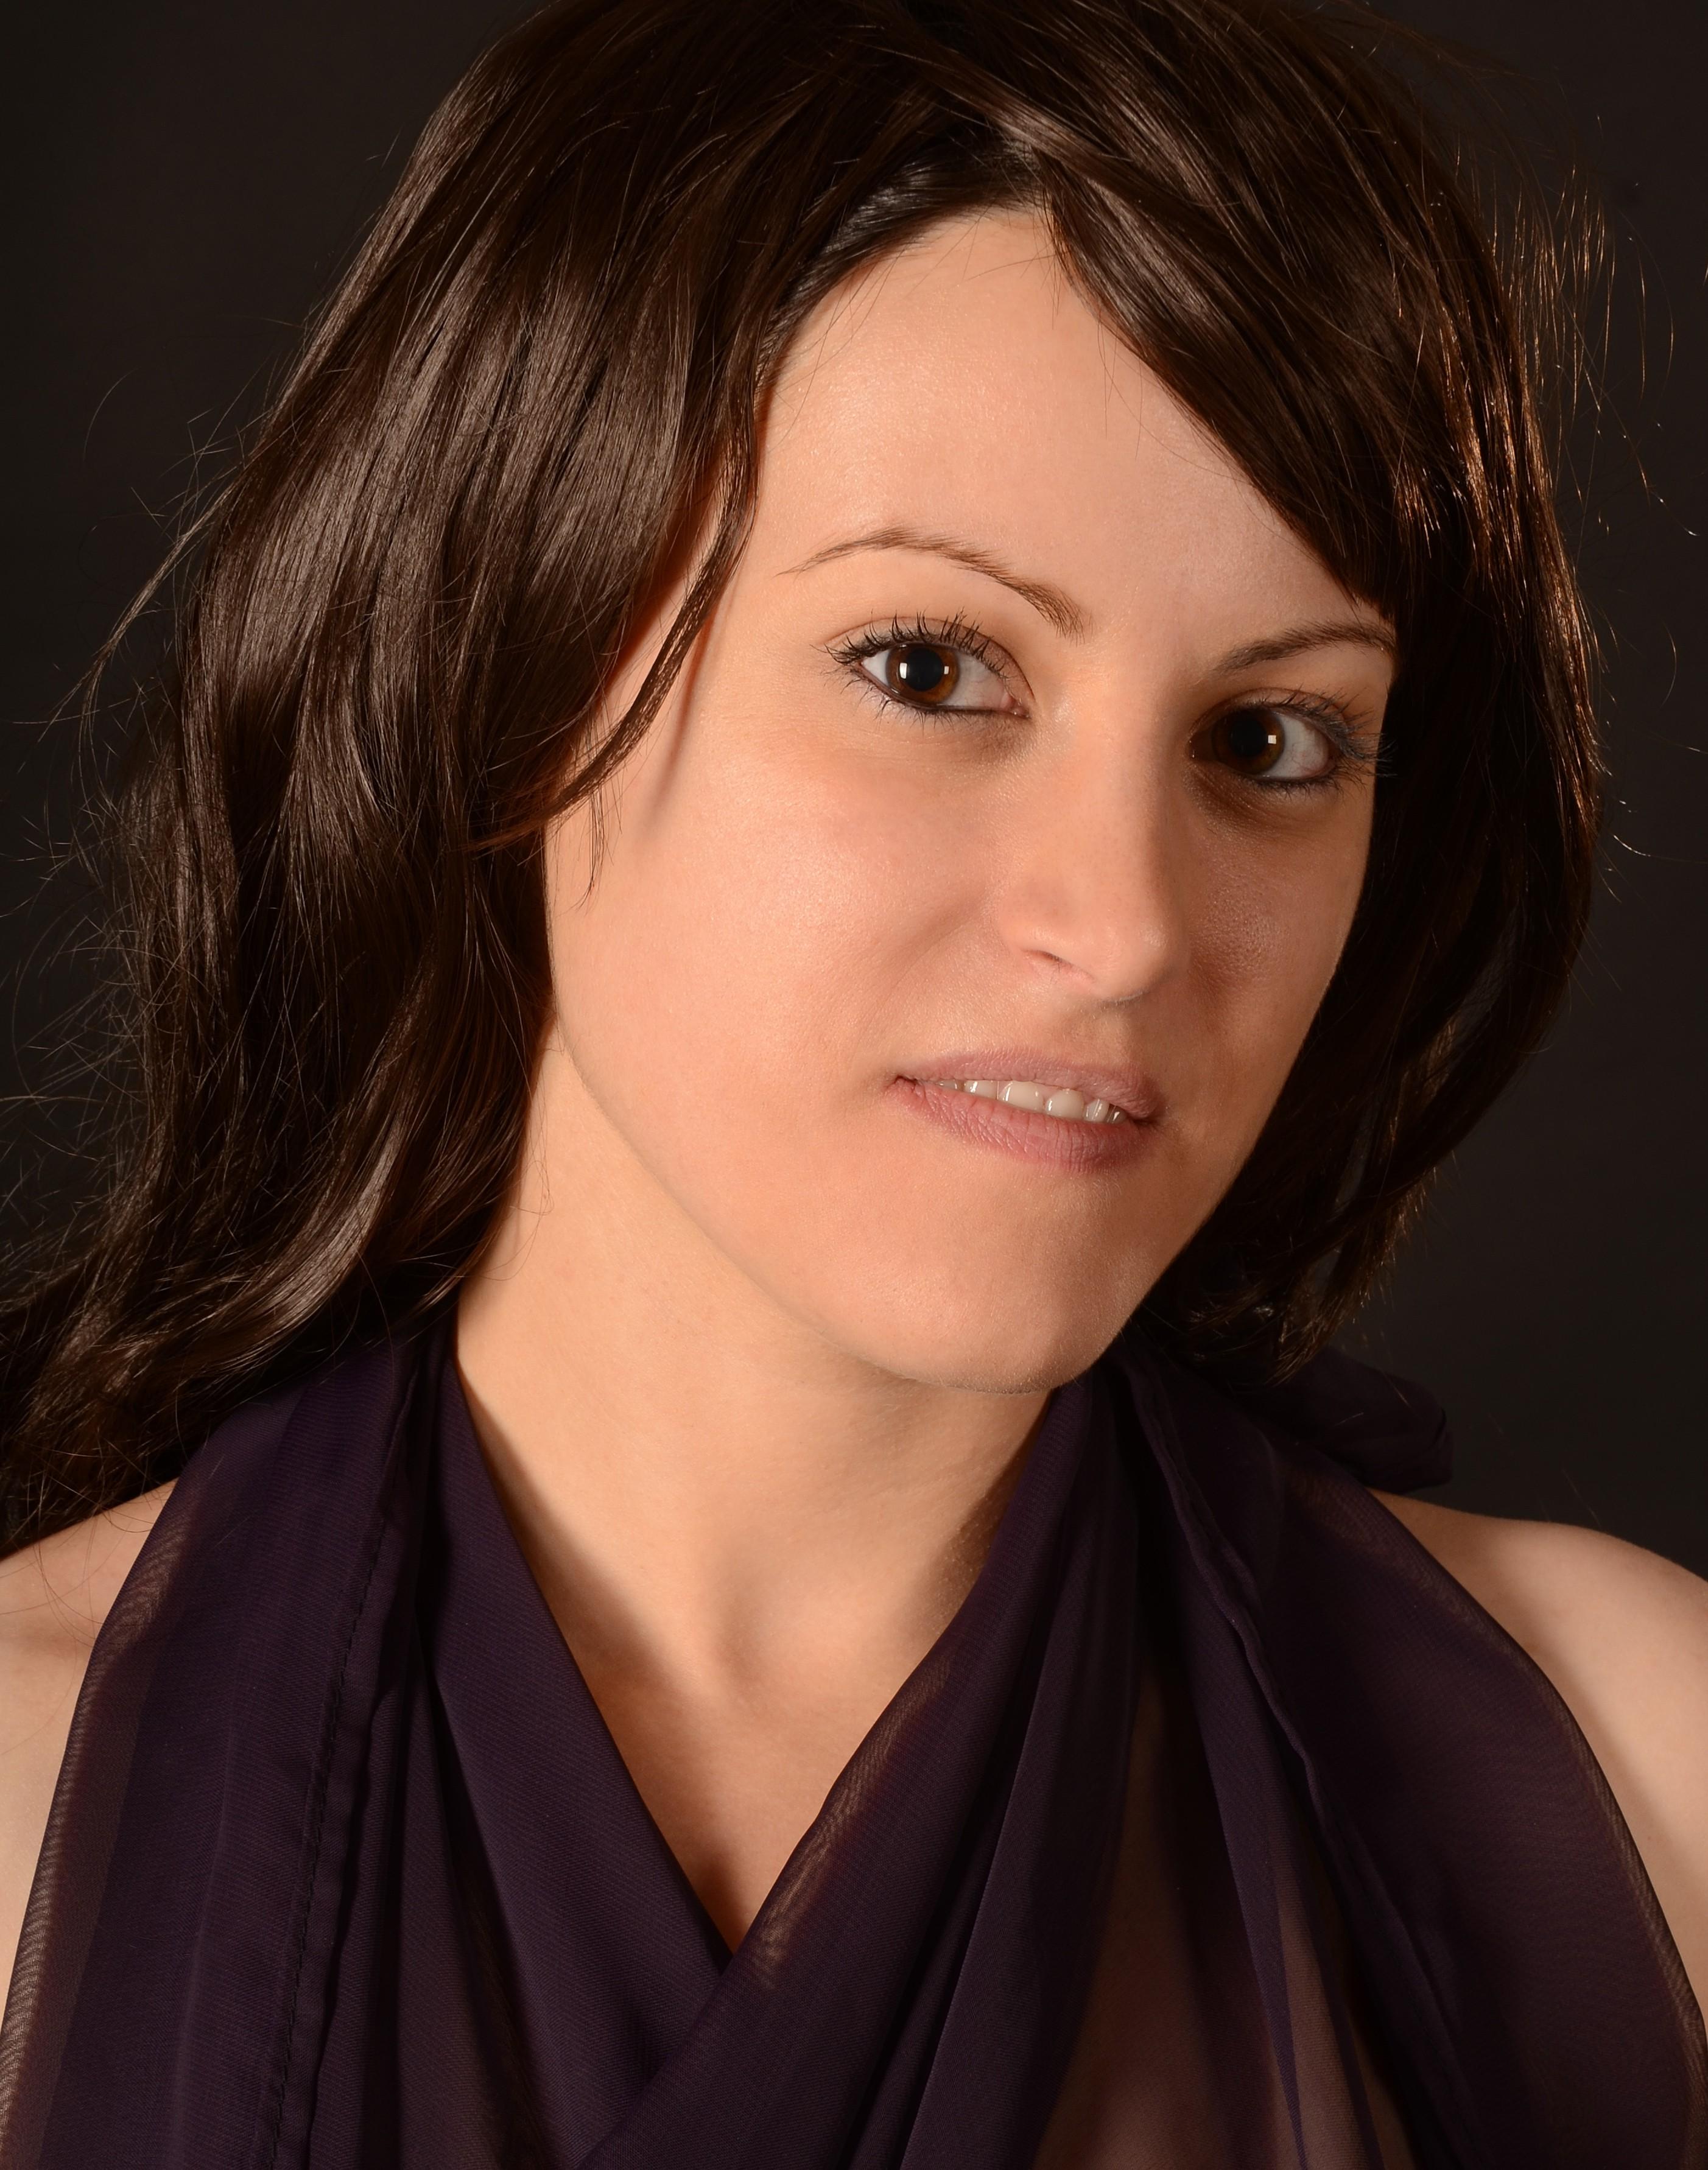 Bélina Kerboriou